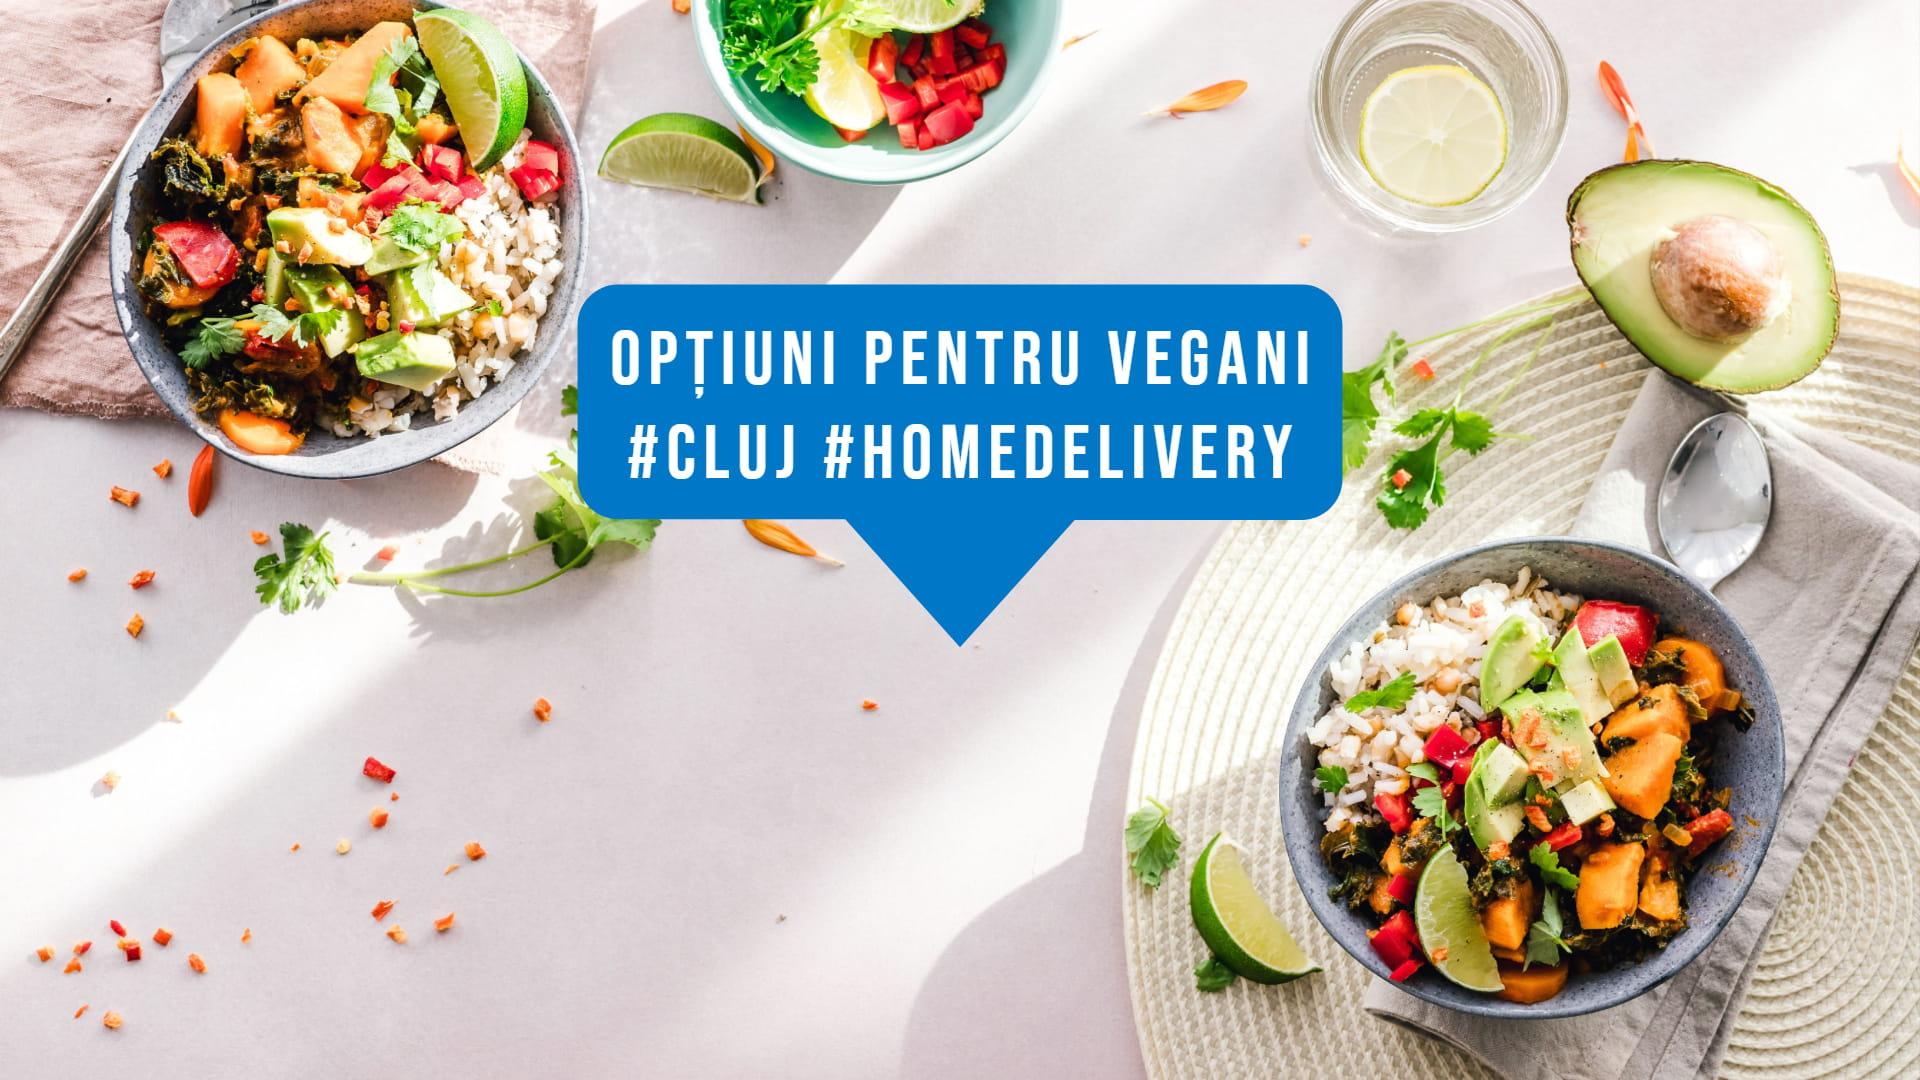 #HomeDelivery în Cluj: Cele mai bune opţiuni pentru vegani | #vegfoodiecluj